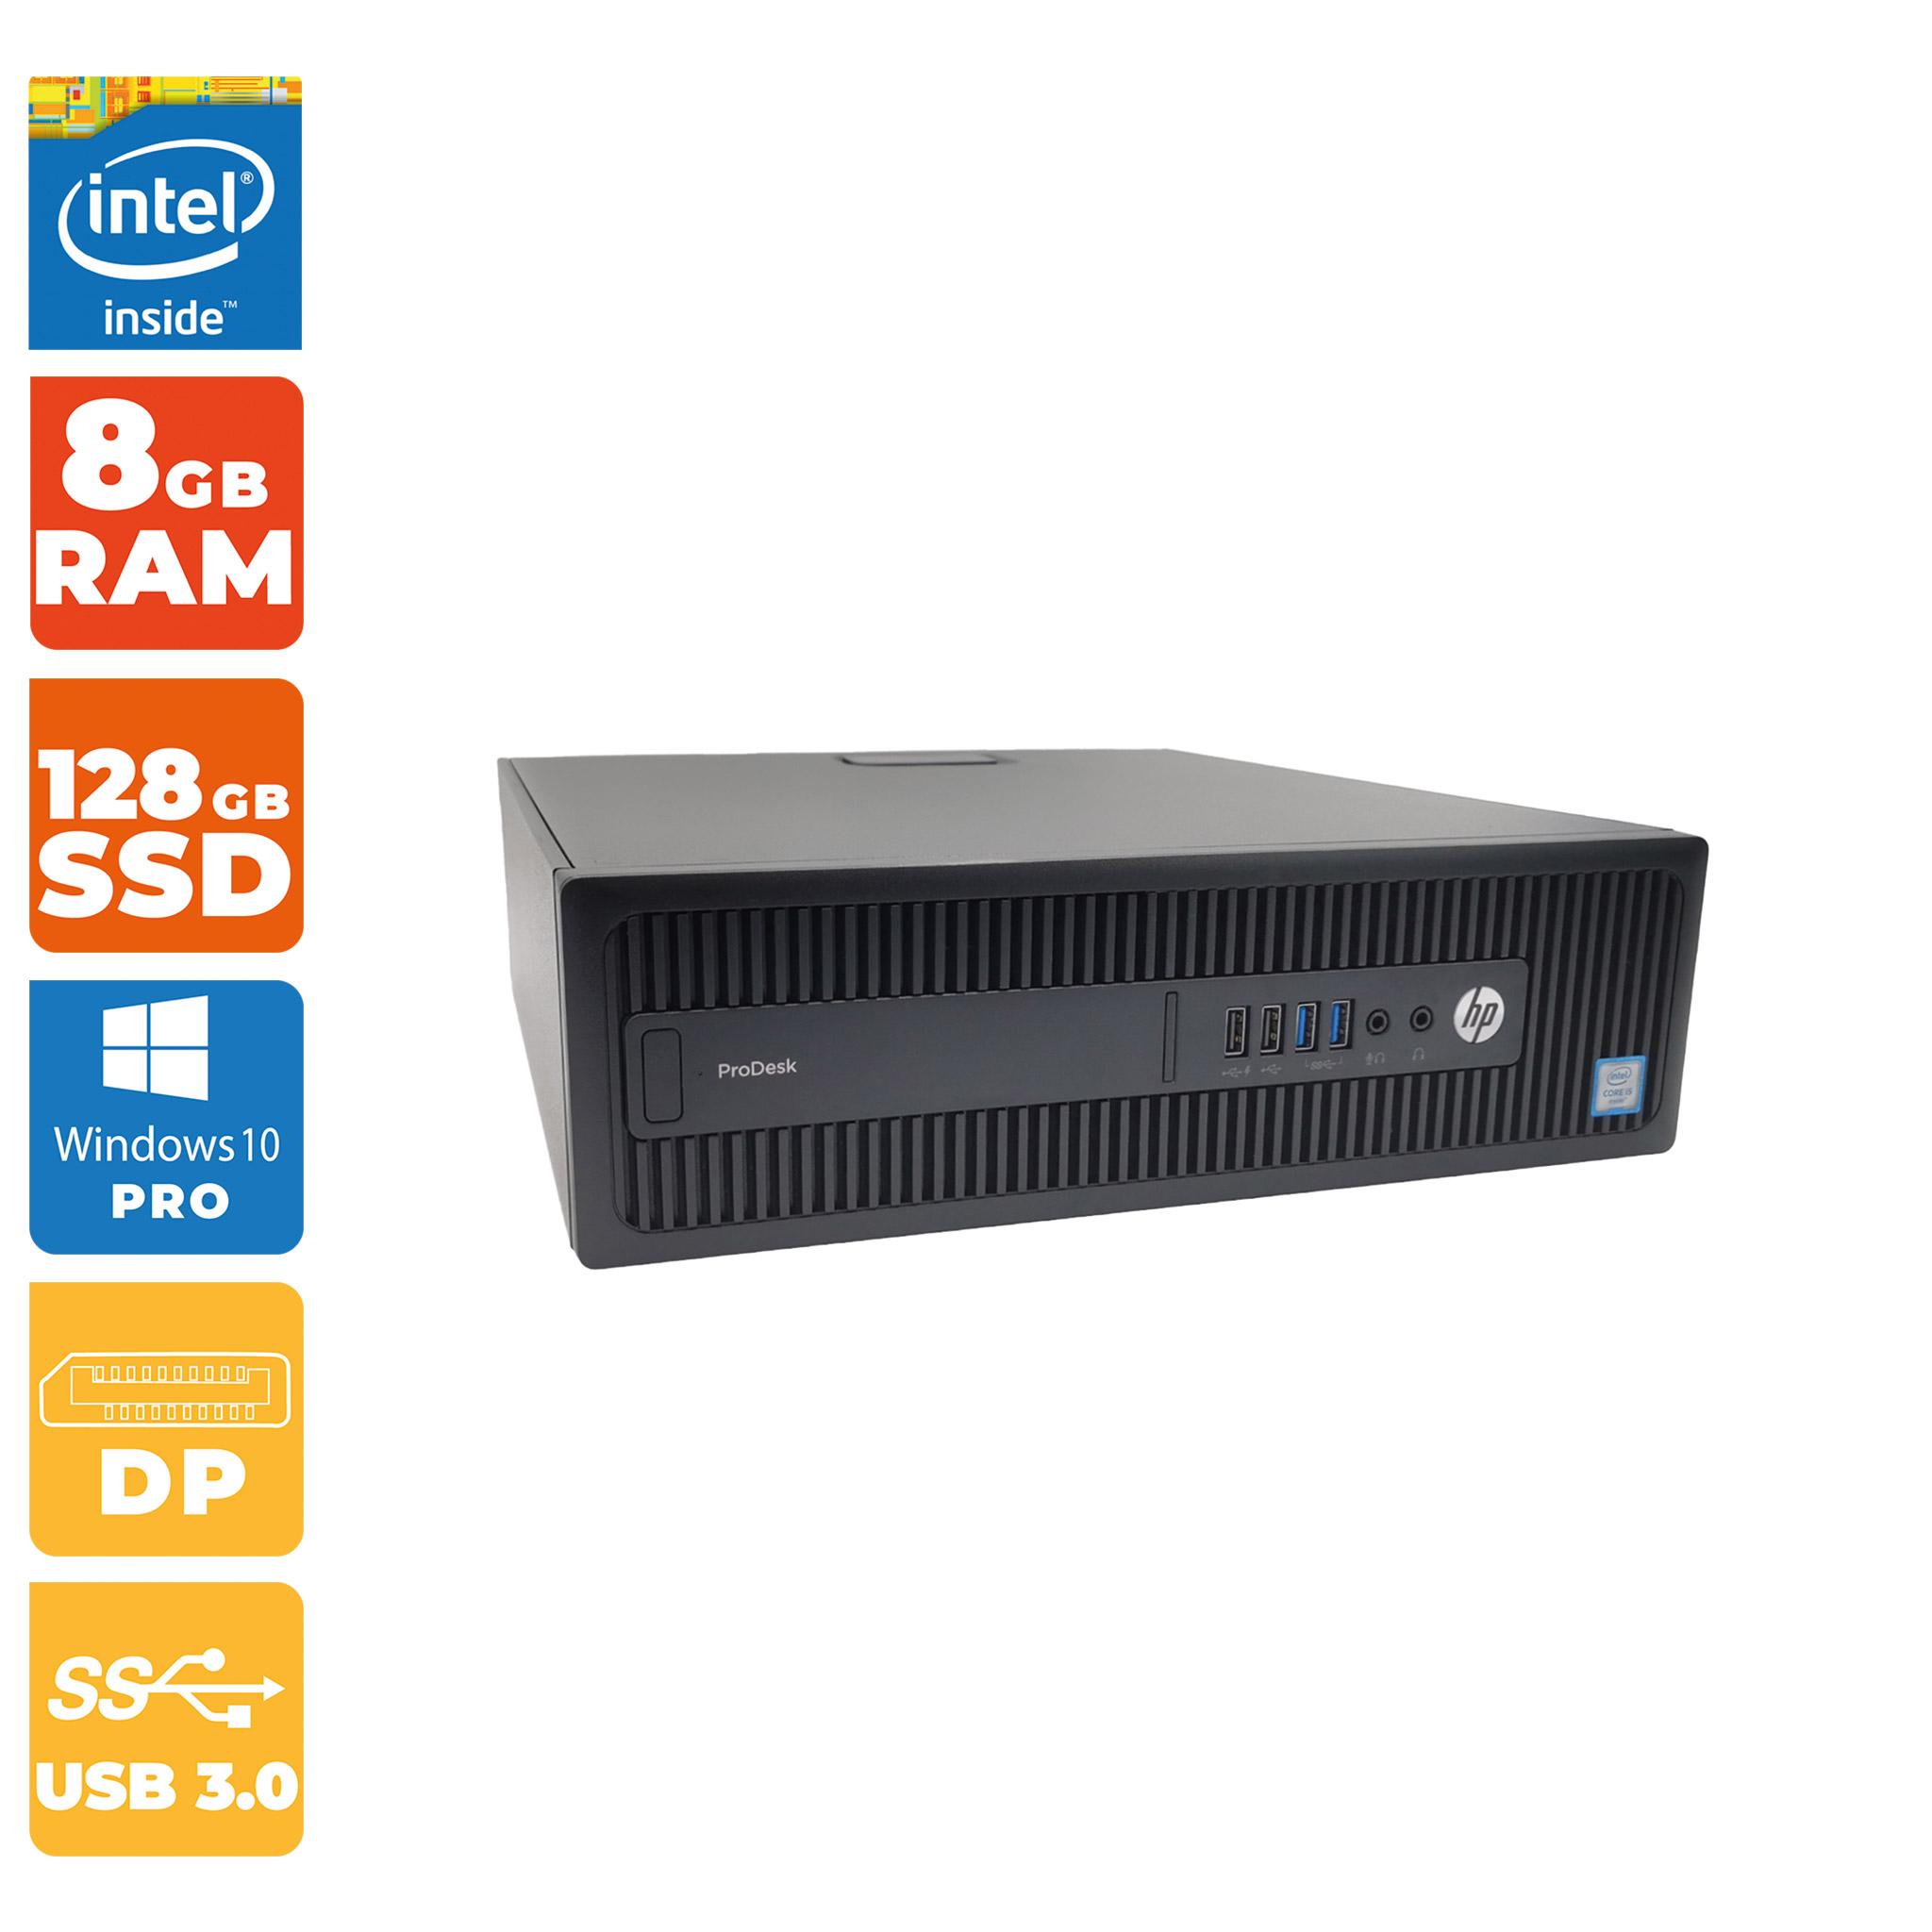 [Grade A-] HP ProDesk 600 G2 ( SFF PC, Intel i5- 6.Gen, 8GB RAM DDR4, 128GB SSD, Windows 10 Pro, Intel HD Graphics 530, 2x DisplayPort )